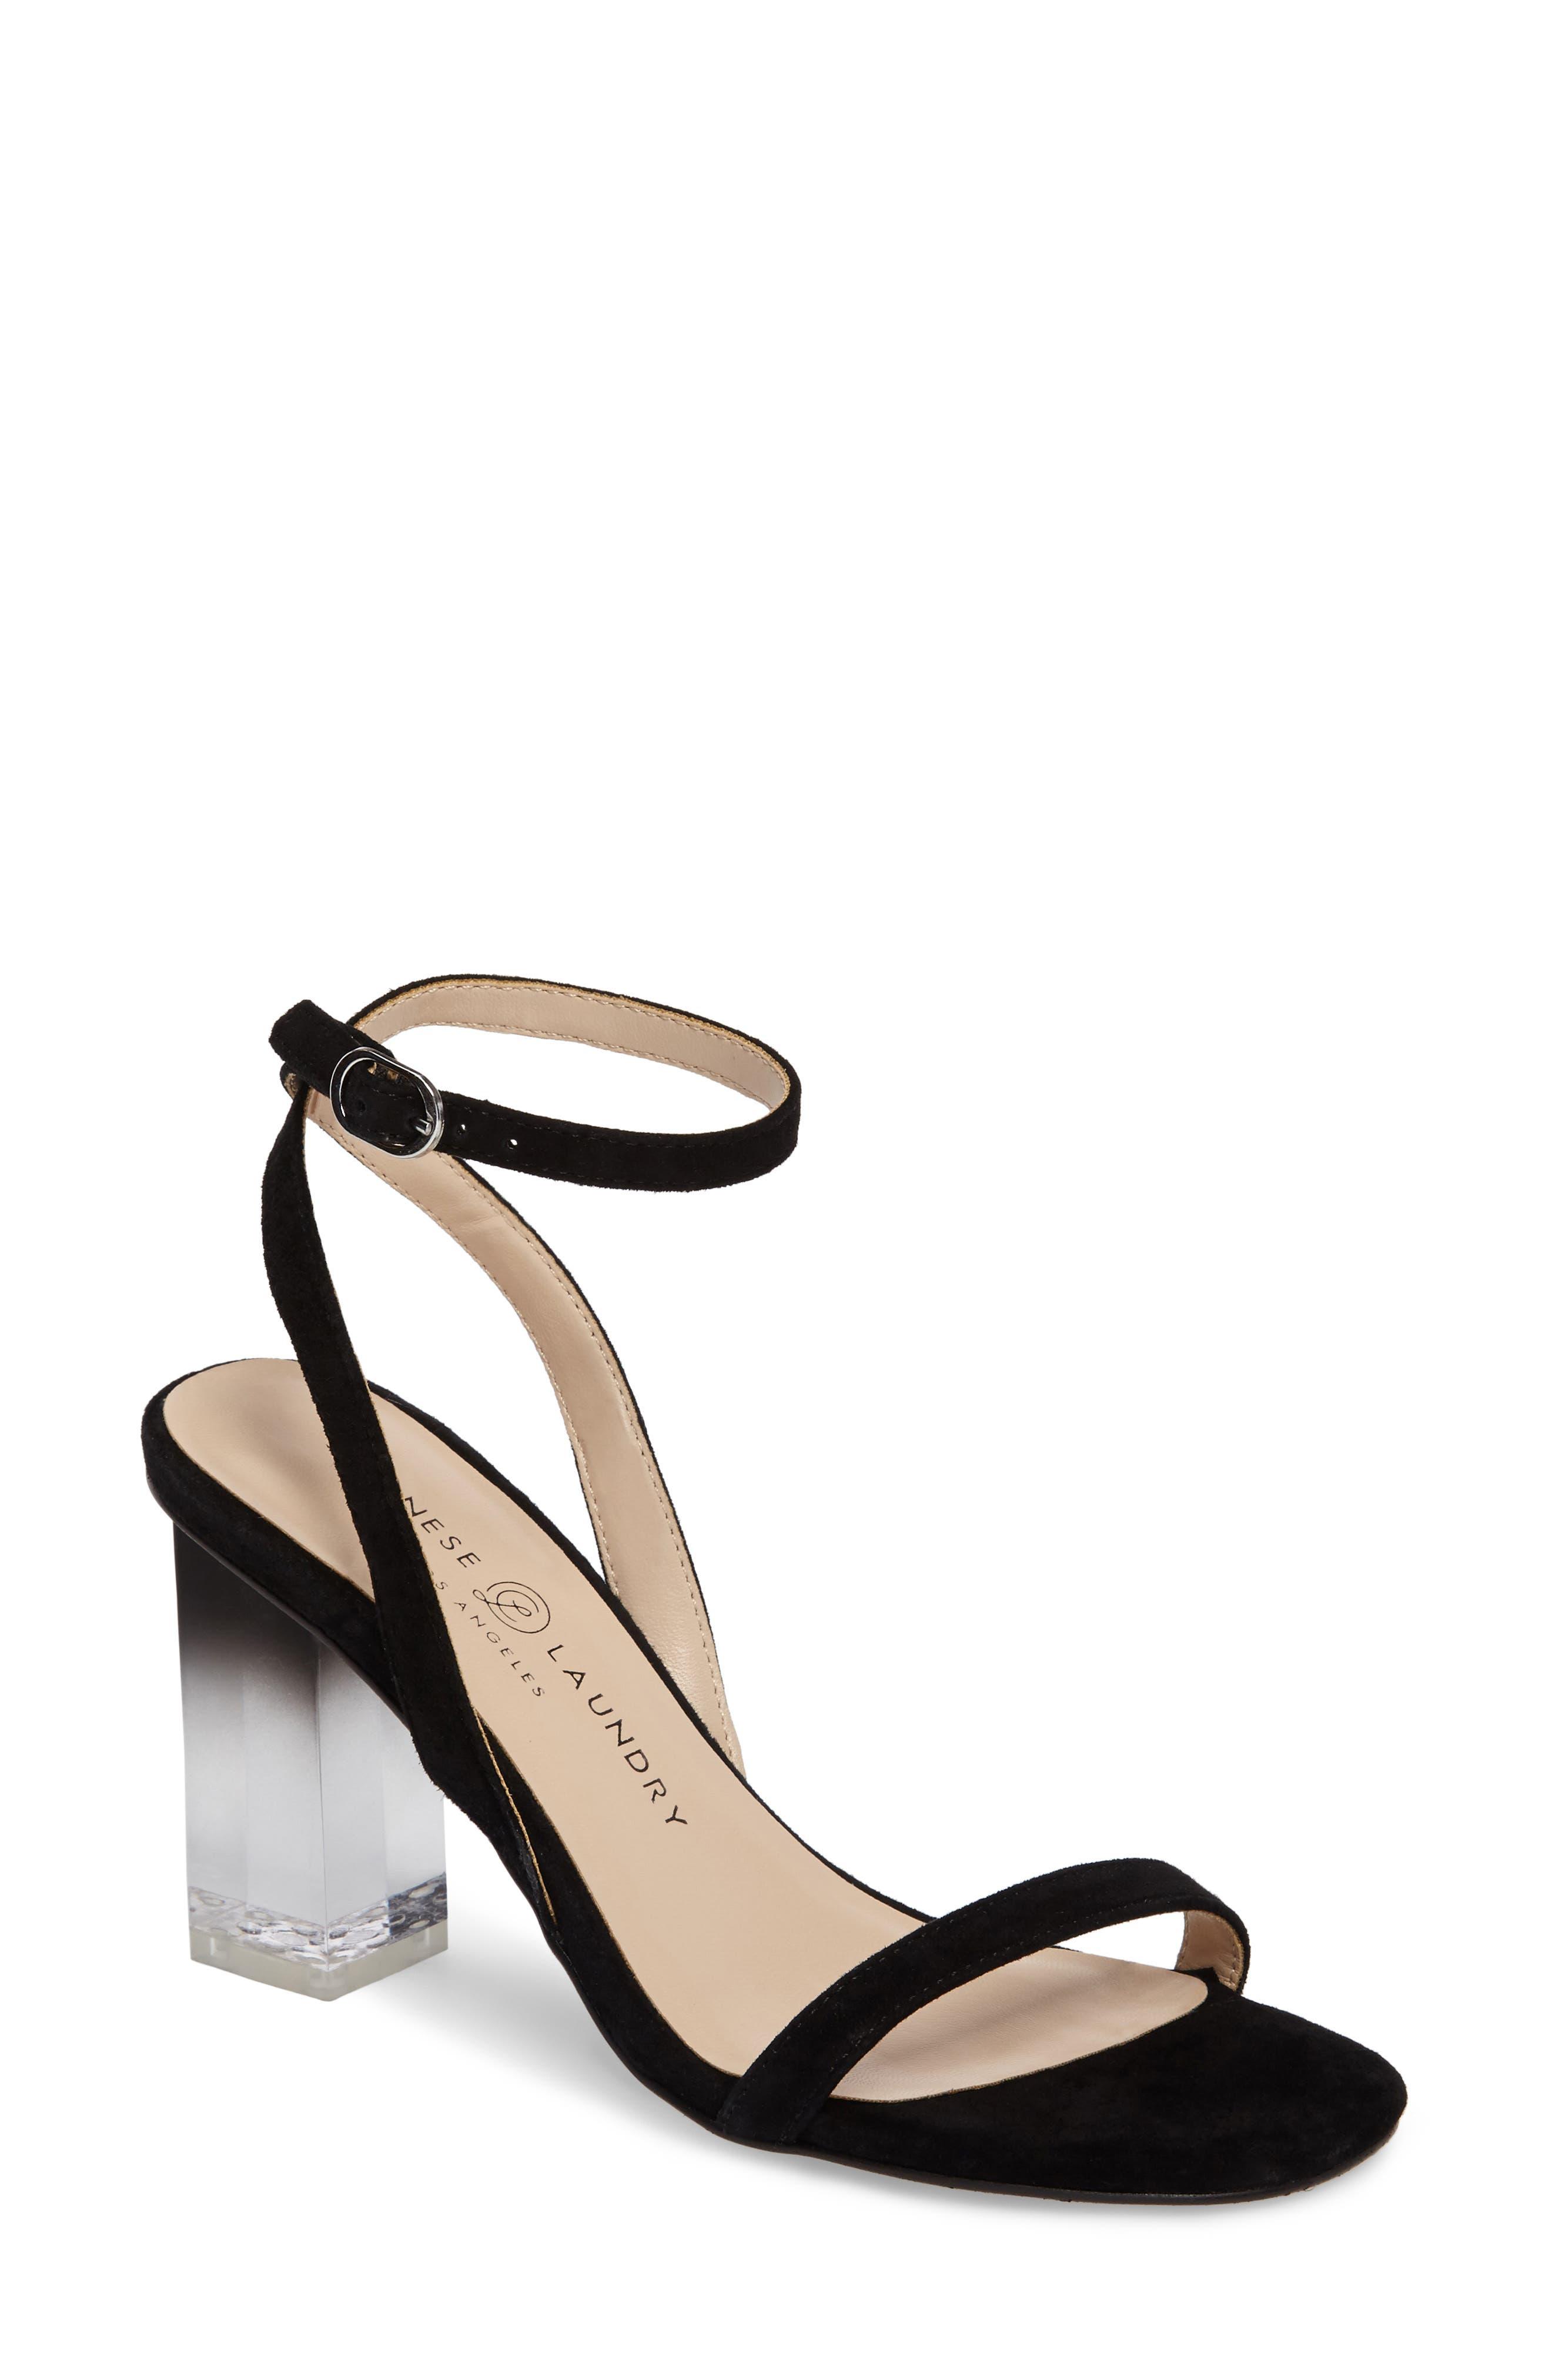 Shanie Clear Heel Sandal,                         Main,                         color, 001